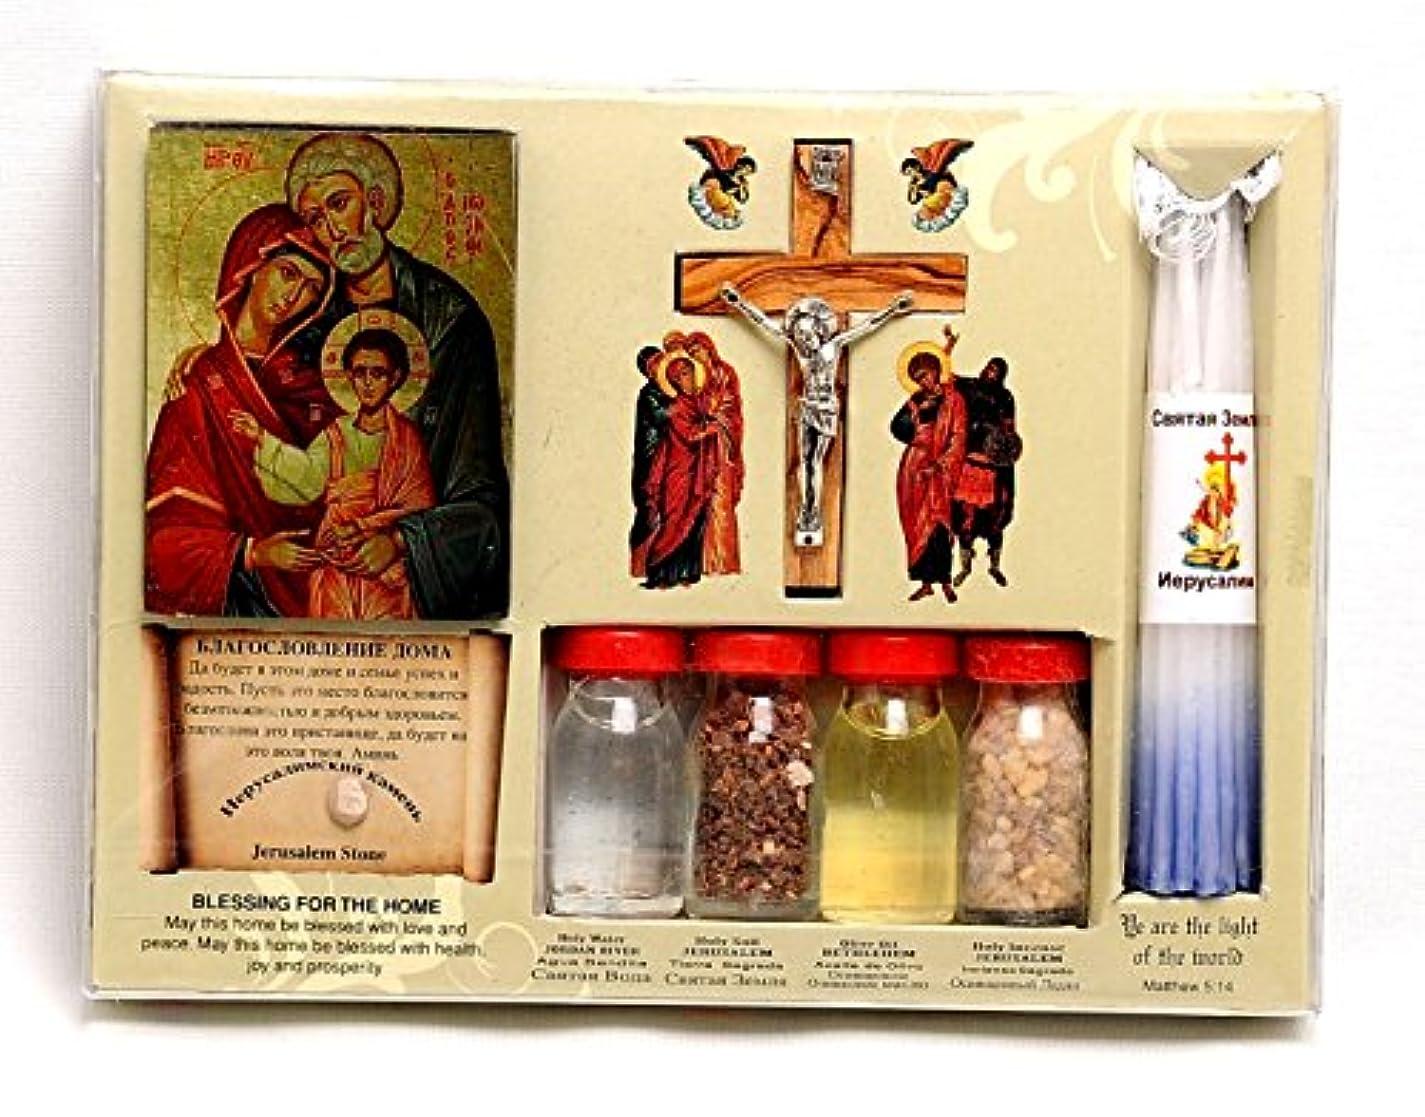 甲虫疑い瞑想的ホーム祝福キットボトル、クロス&キャンドルから聖地エルサレム